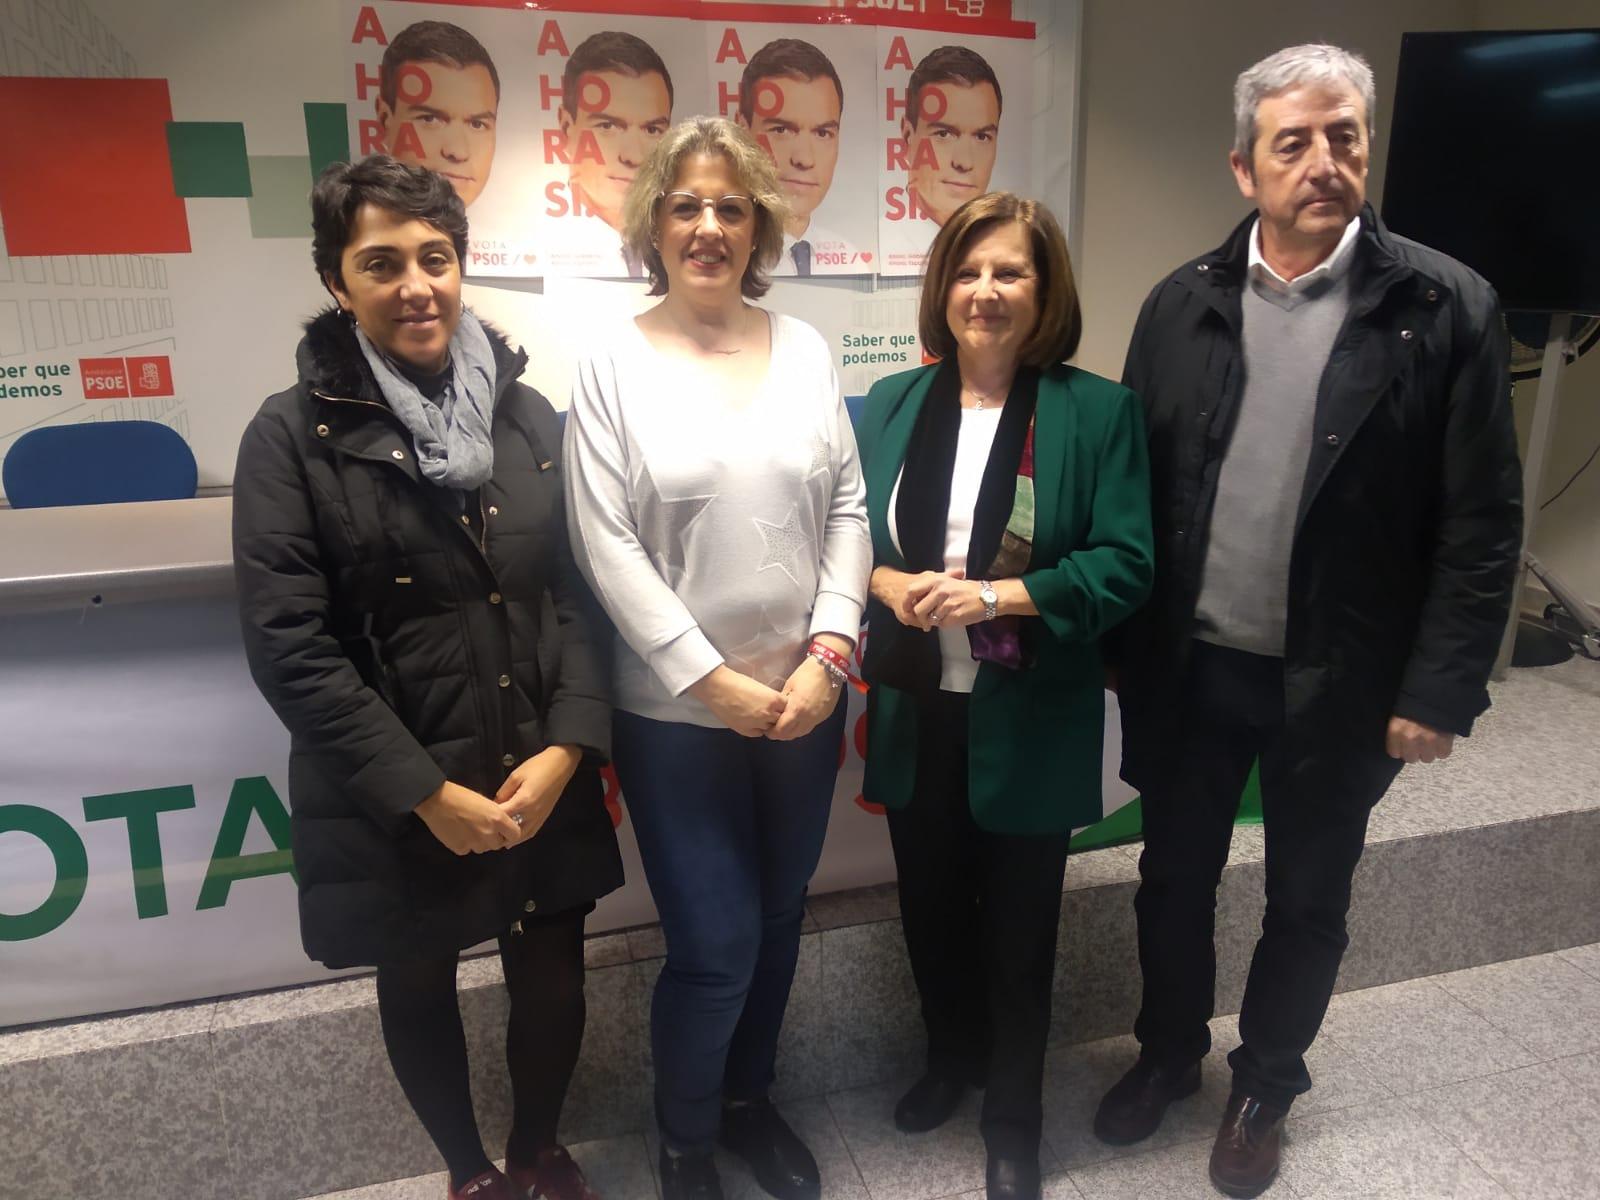 El PSOE de Guadix propone un servicio de asistencia y ayuda psicológica a la población vulnerable ante el COVID-19